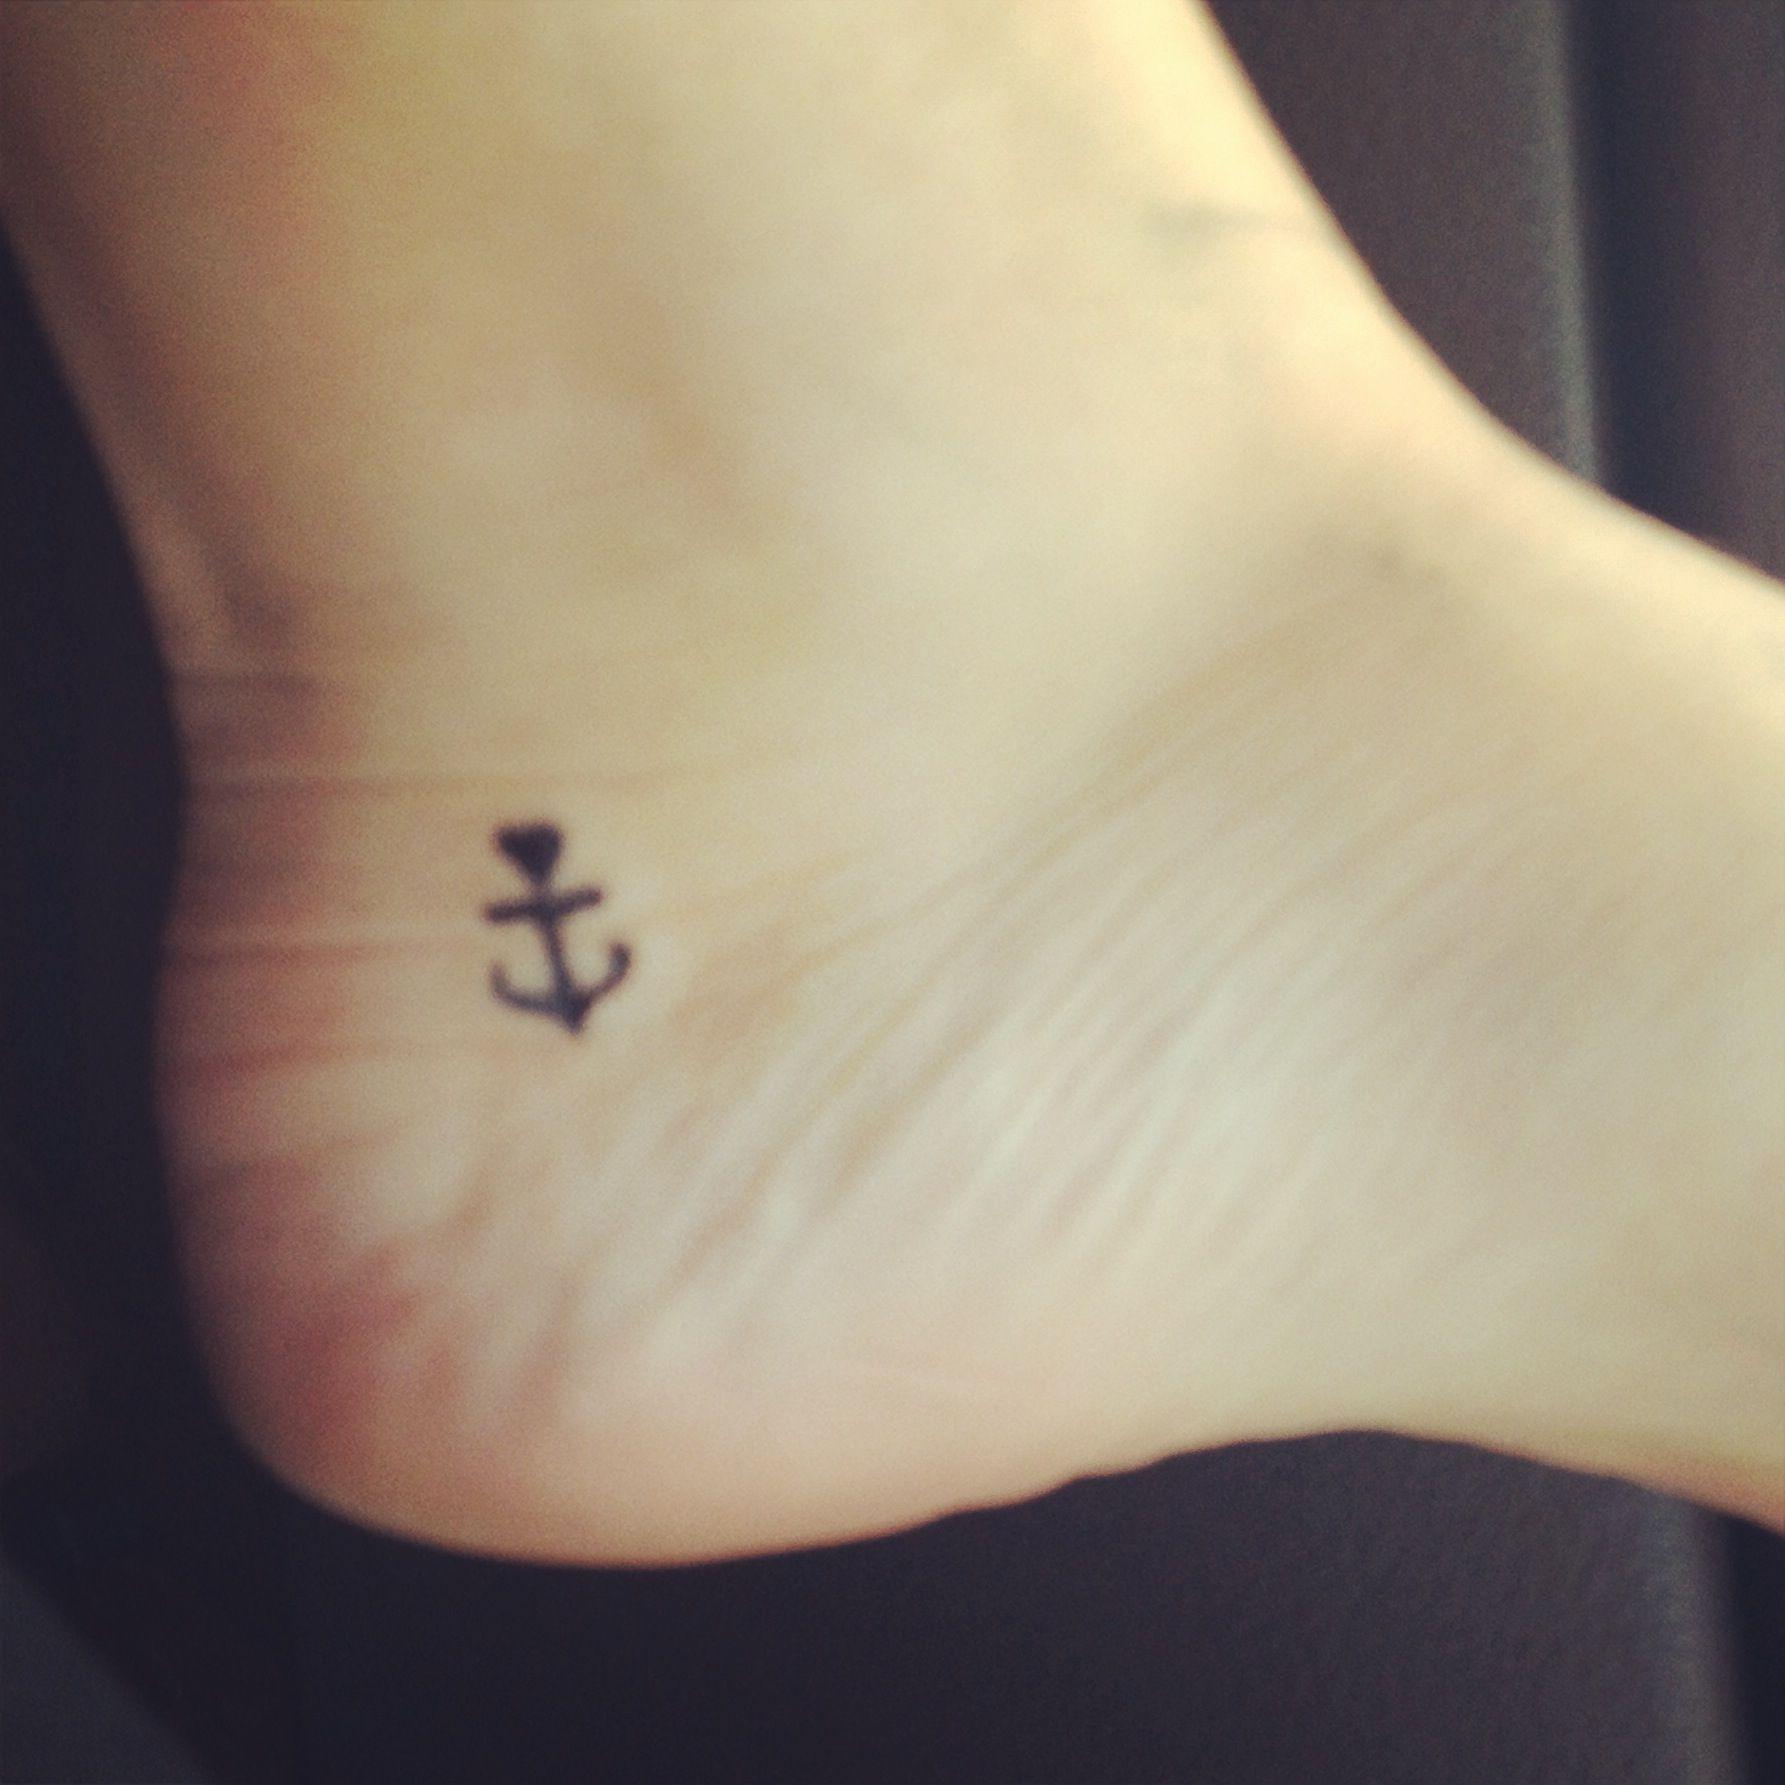 Bedwelming Geloof hoop en liefde   Tattoo - Tattoos, Cute tattoos en Bff tattoos #QJ57